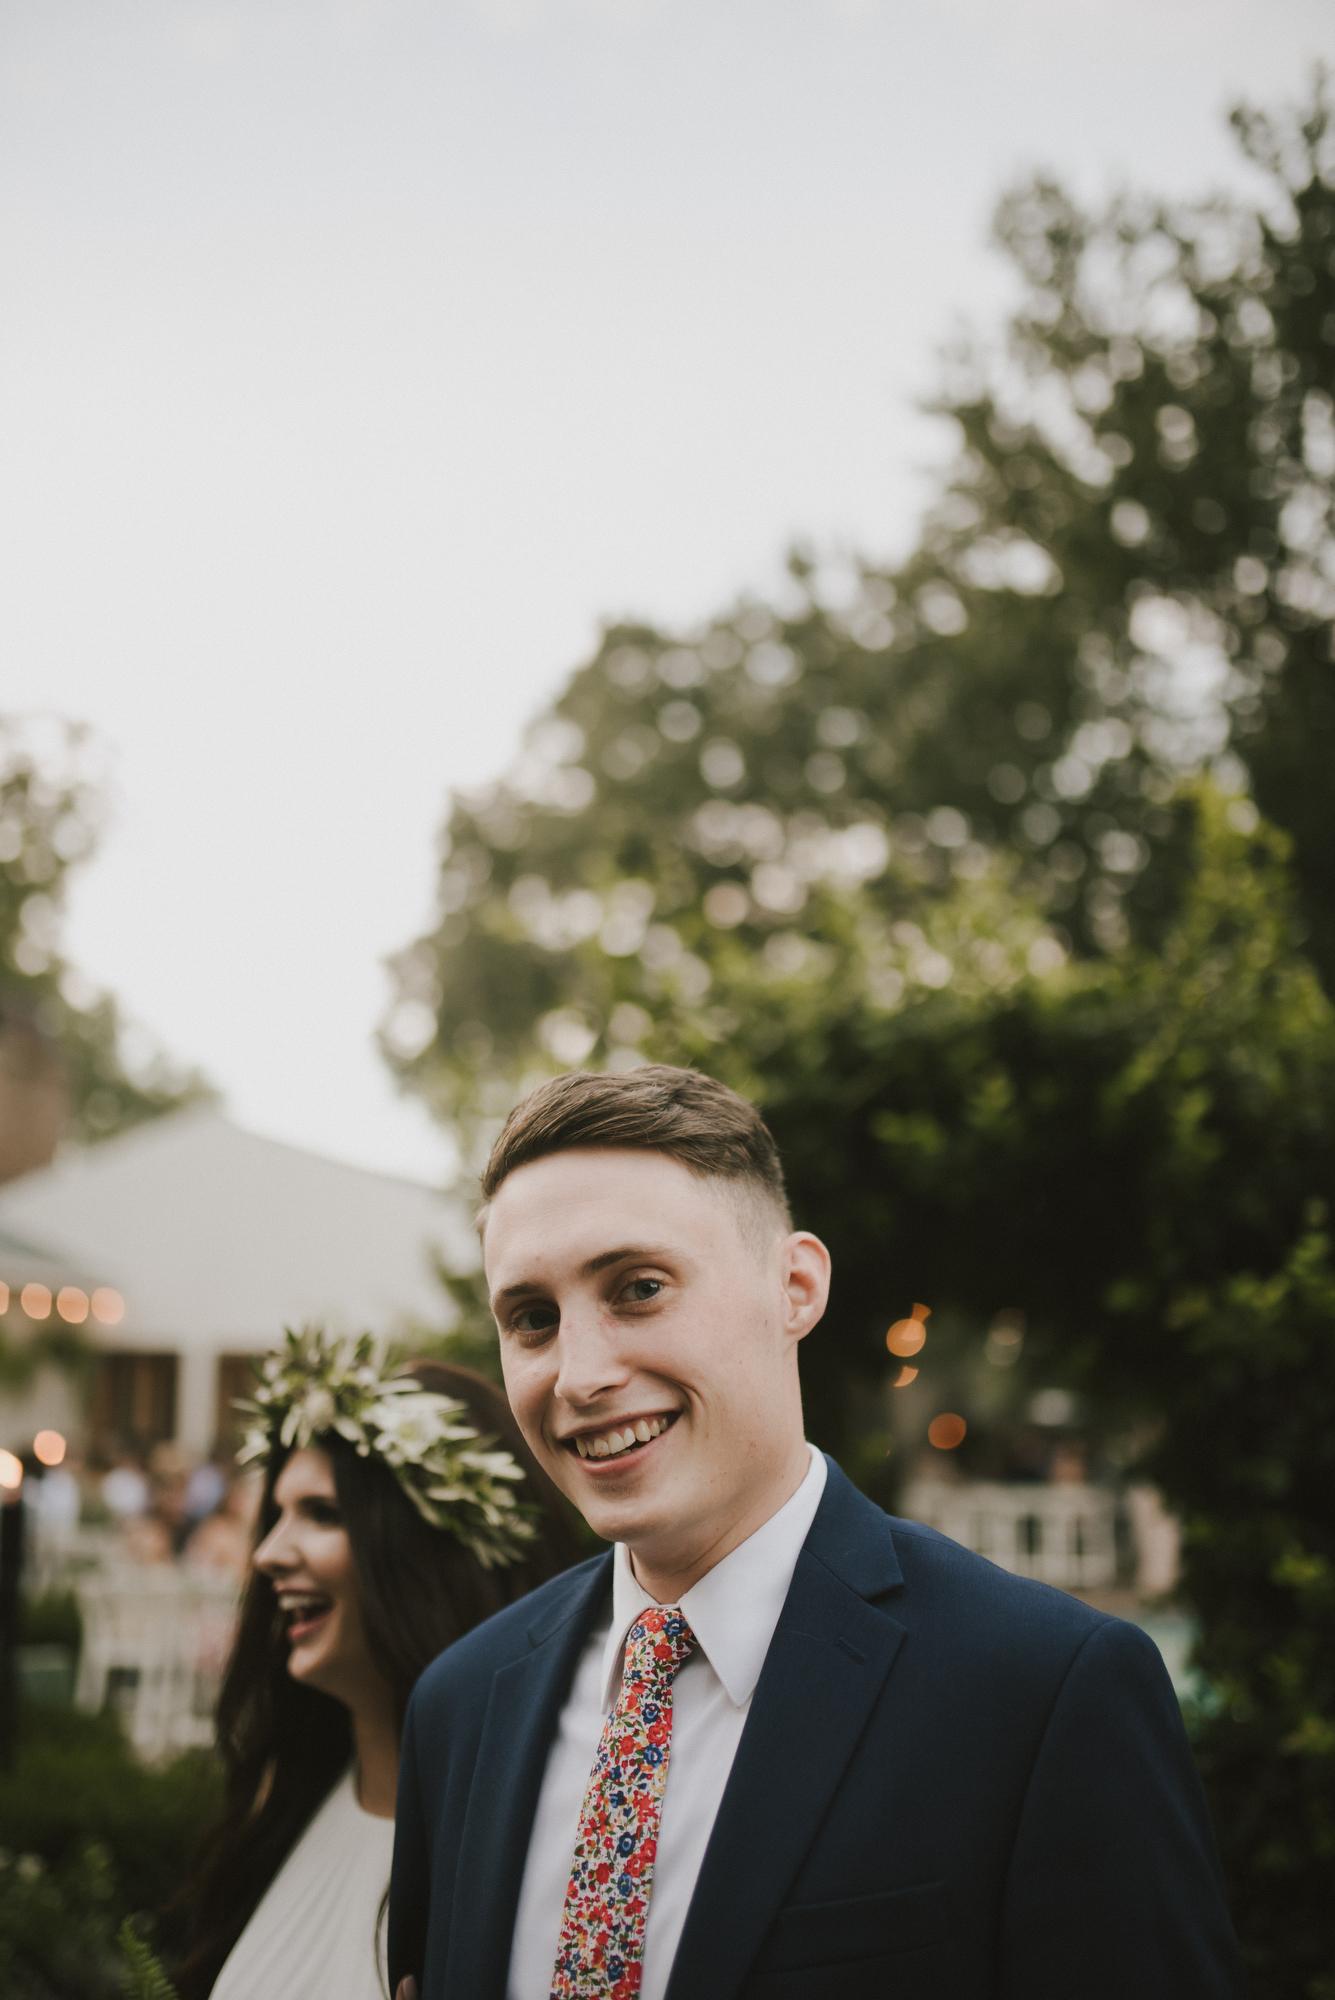 ofRen_weddingphotography086.JPG